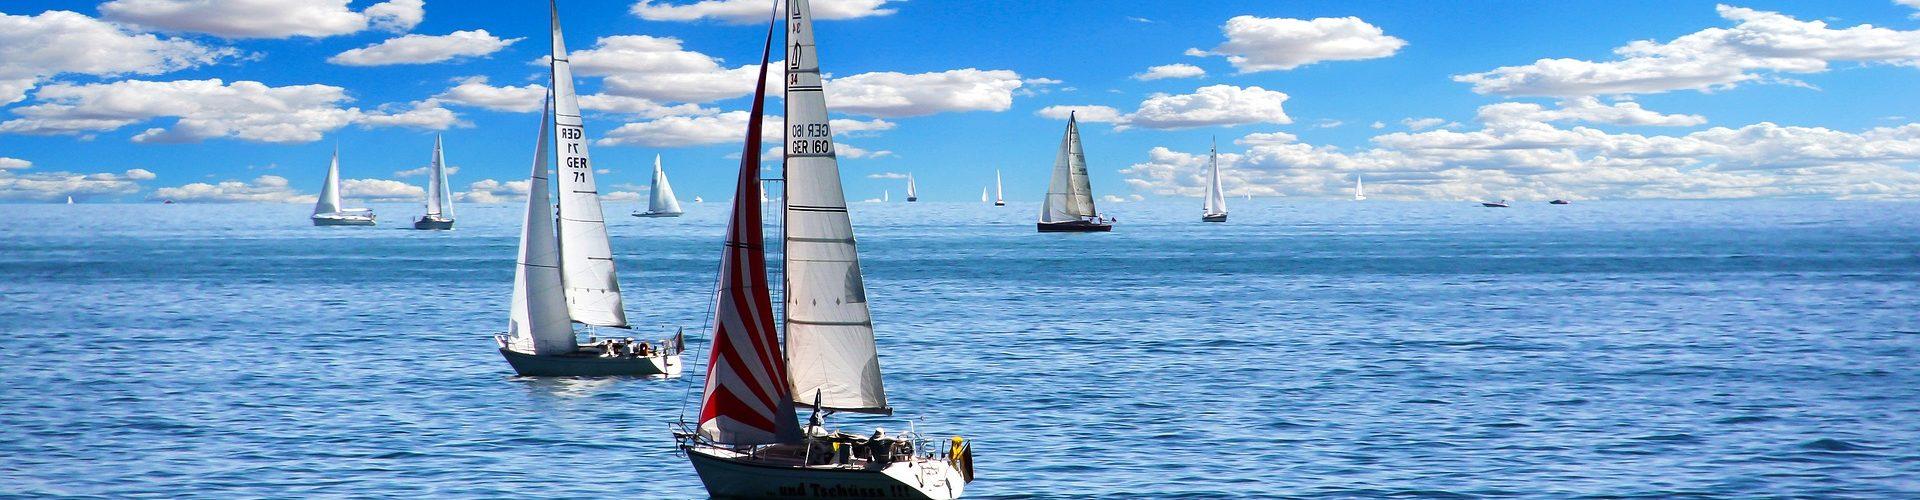 segeln lernen in Munkbrarup segelschein machen in Munkbrarup 1920x500 - Segeln lernen in Munkbrarup